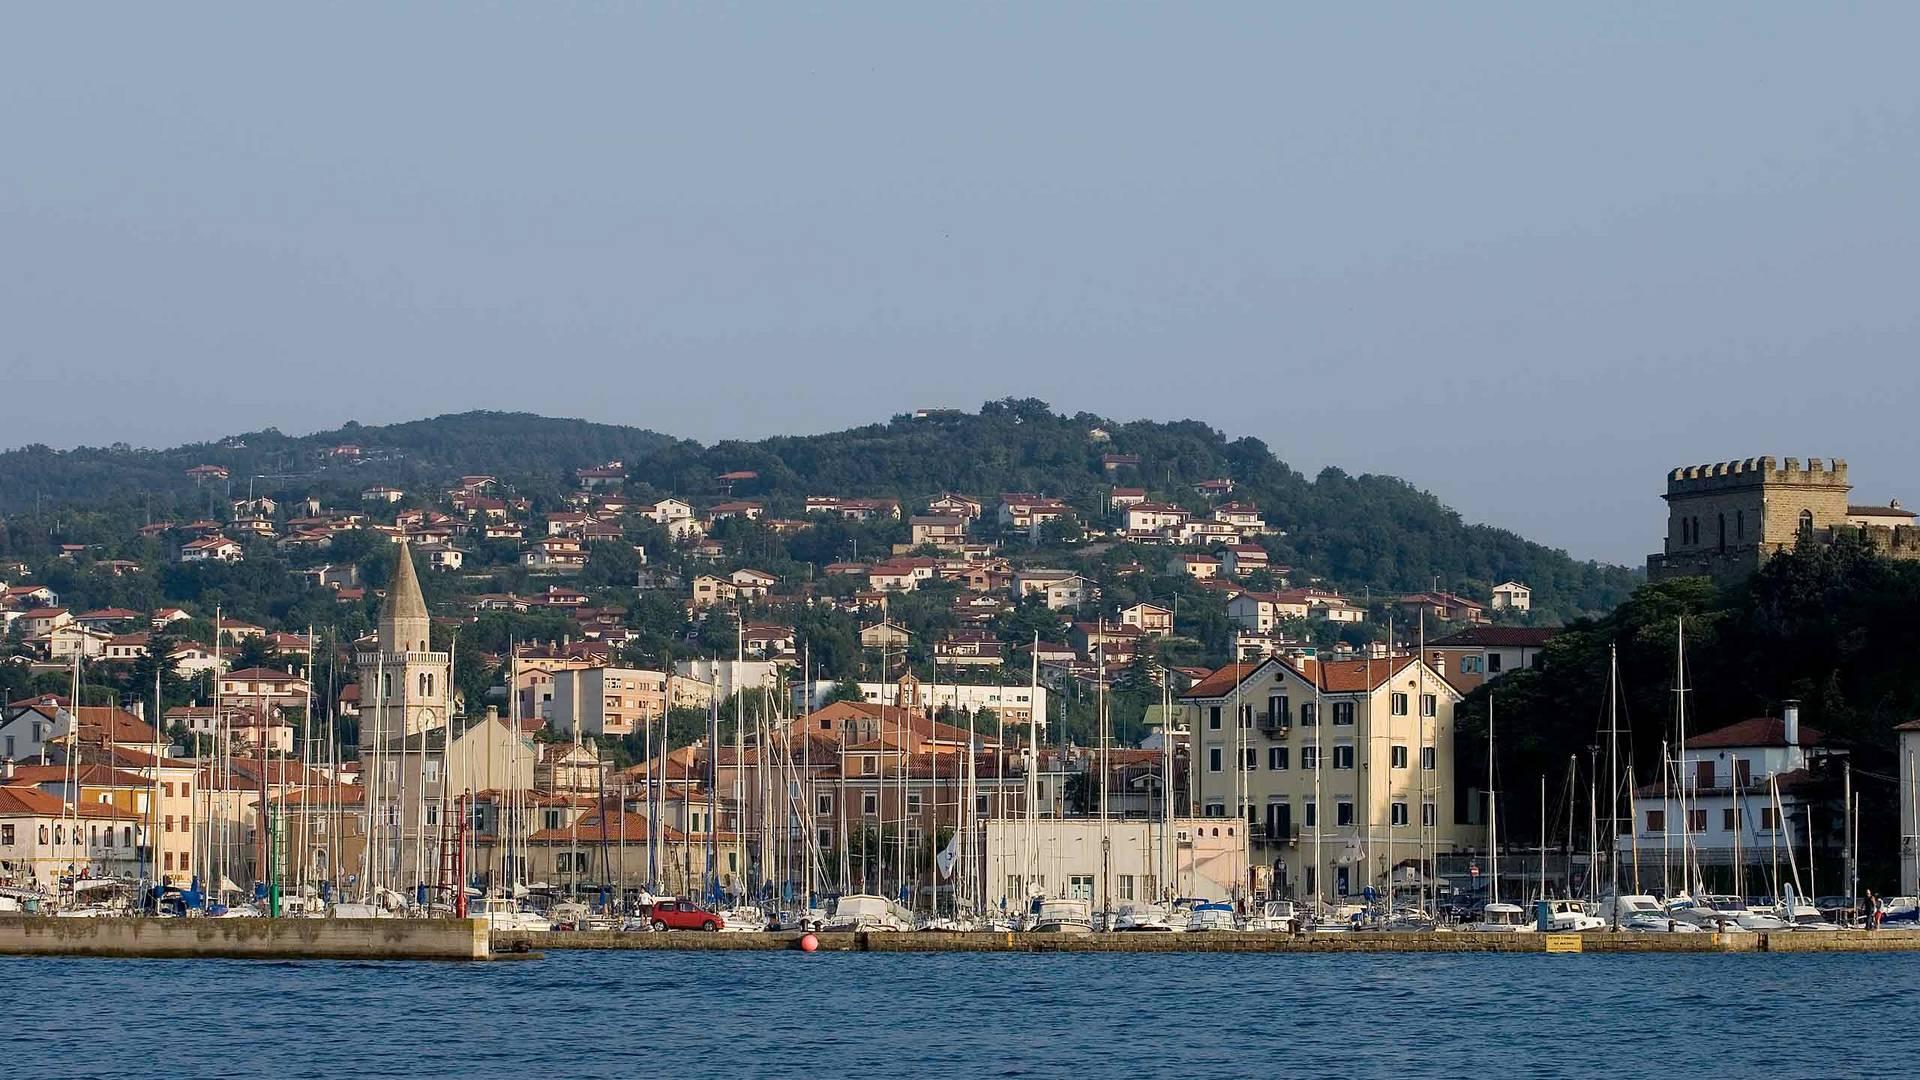 Hafen von Muggia